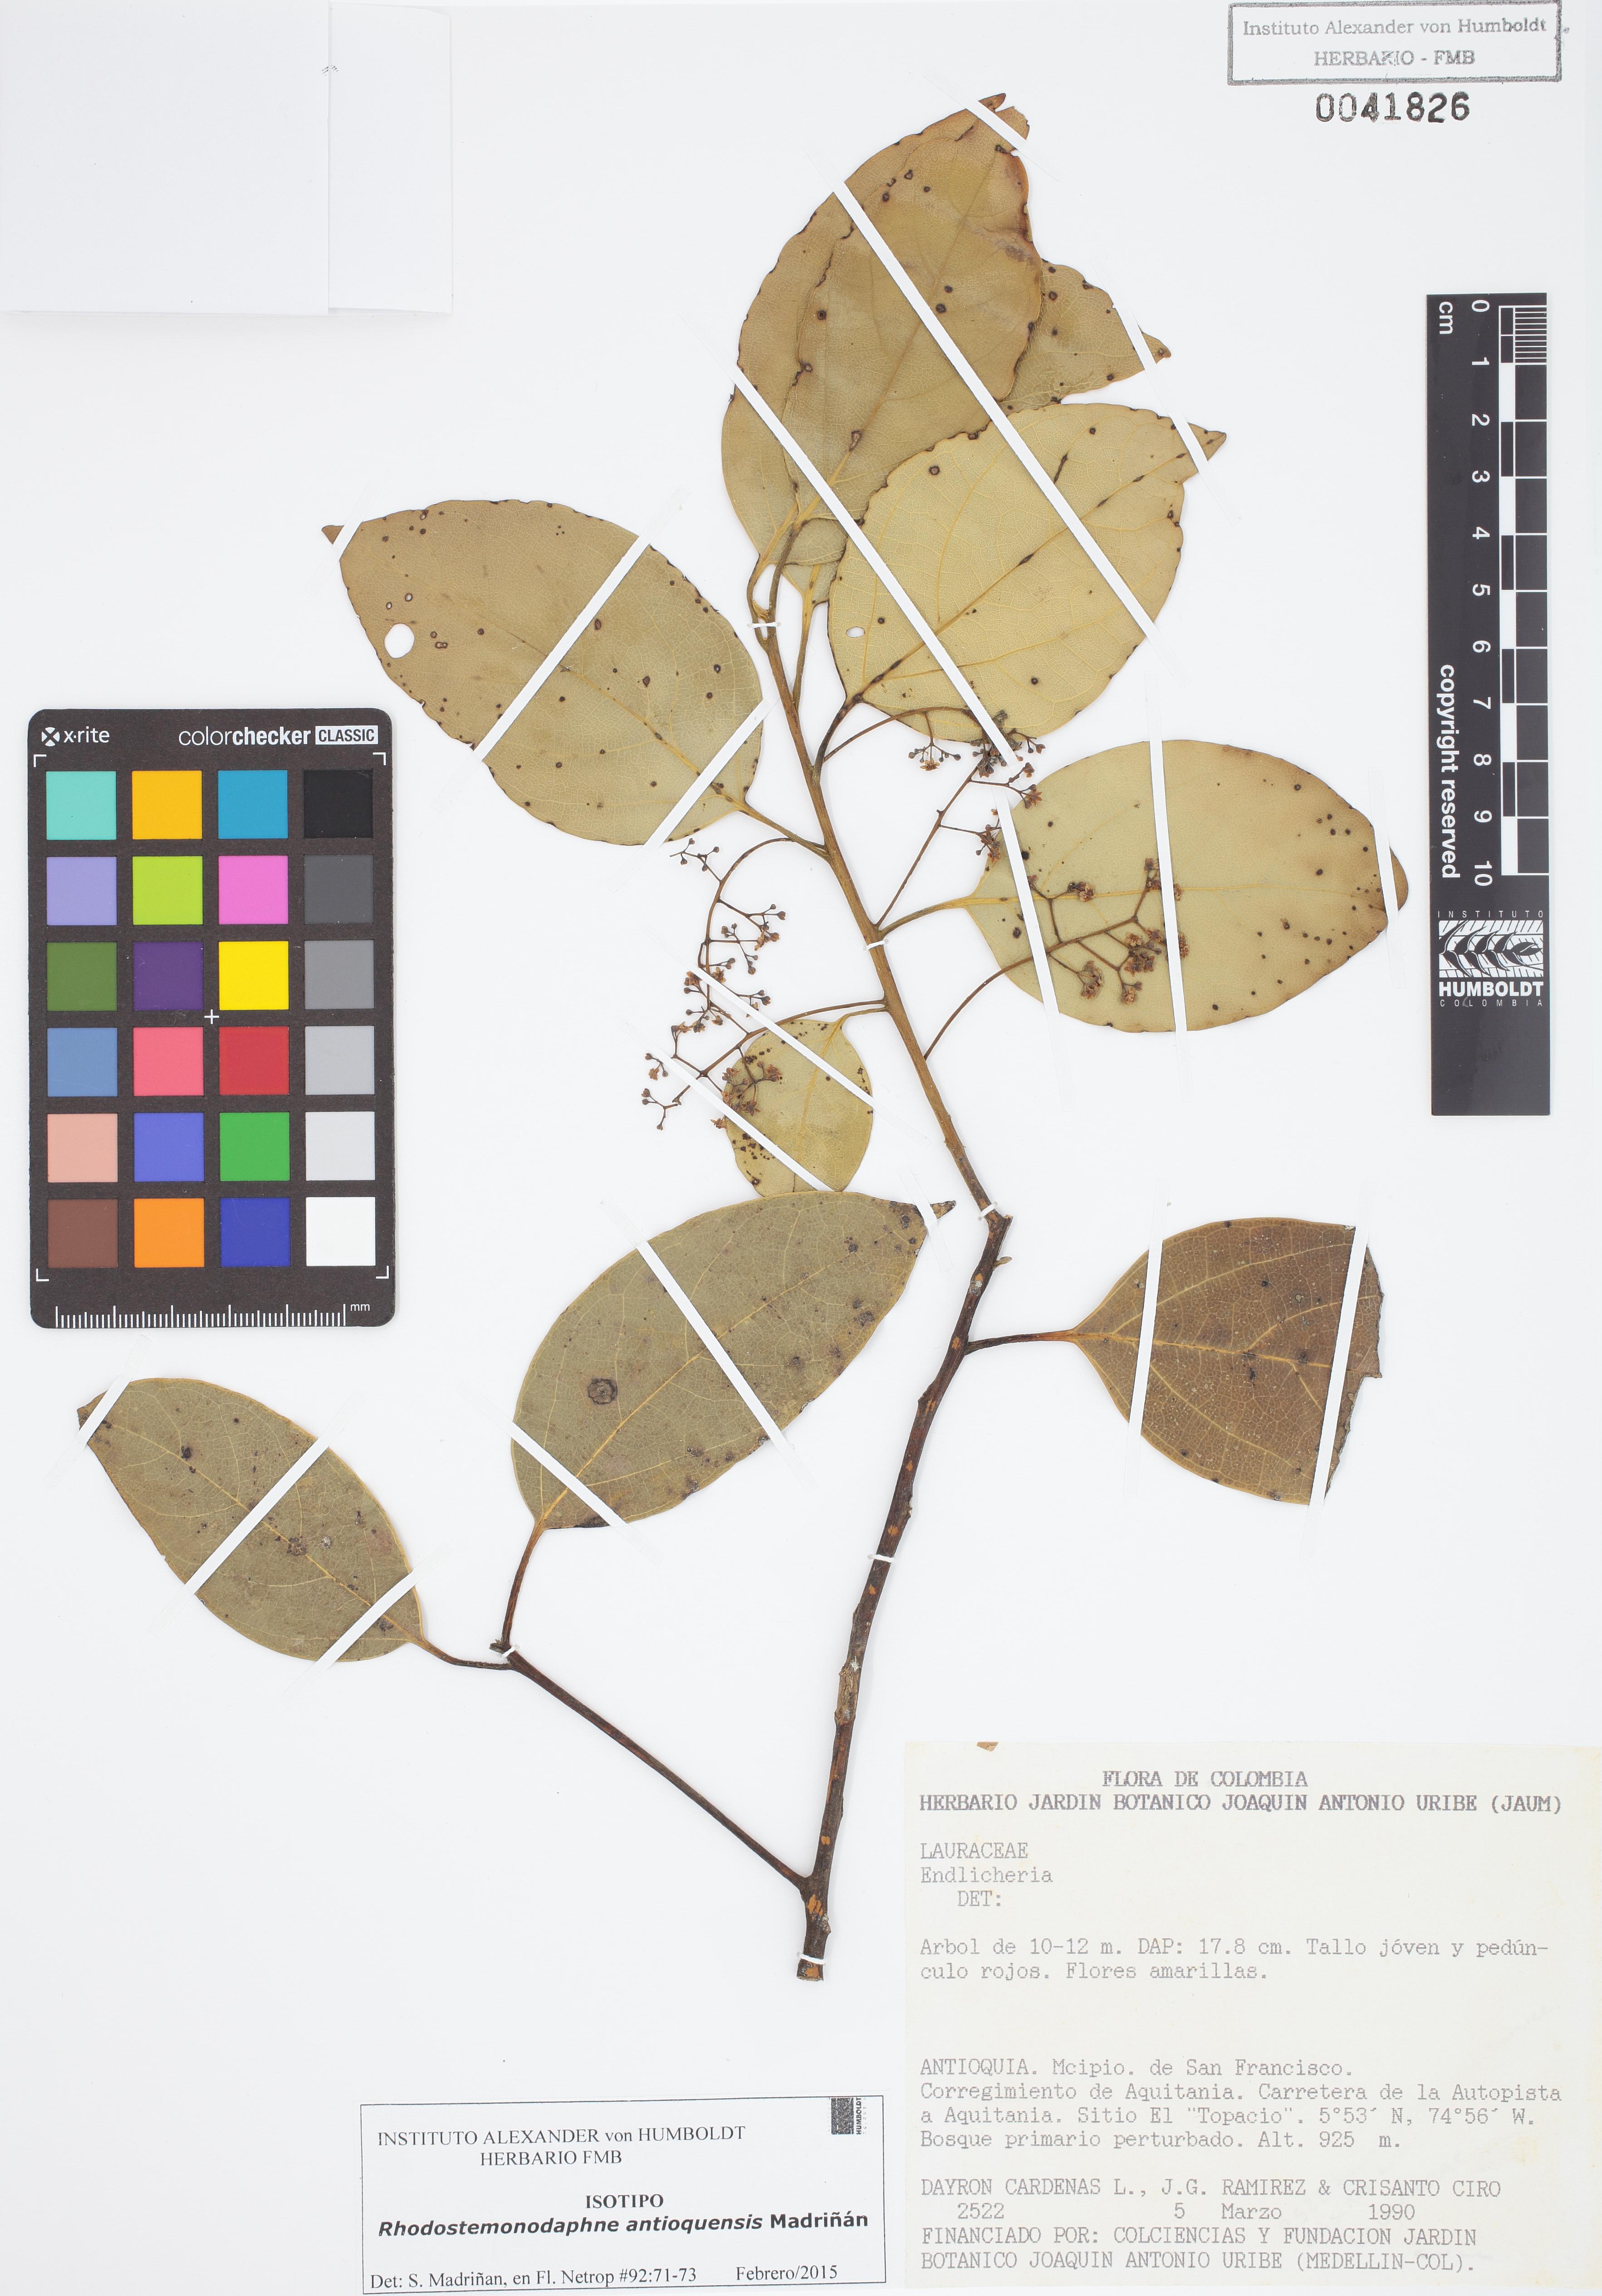 Isotipo de <em>Rhodostemonodaphne antioquensis</em>, FMB-41826, Fotografía por Robles A.